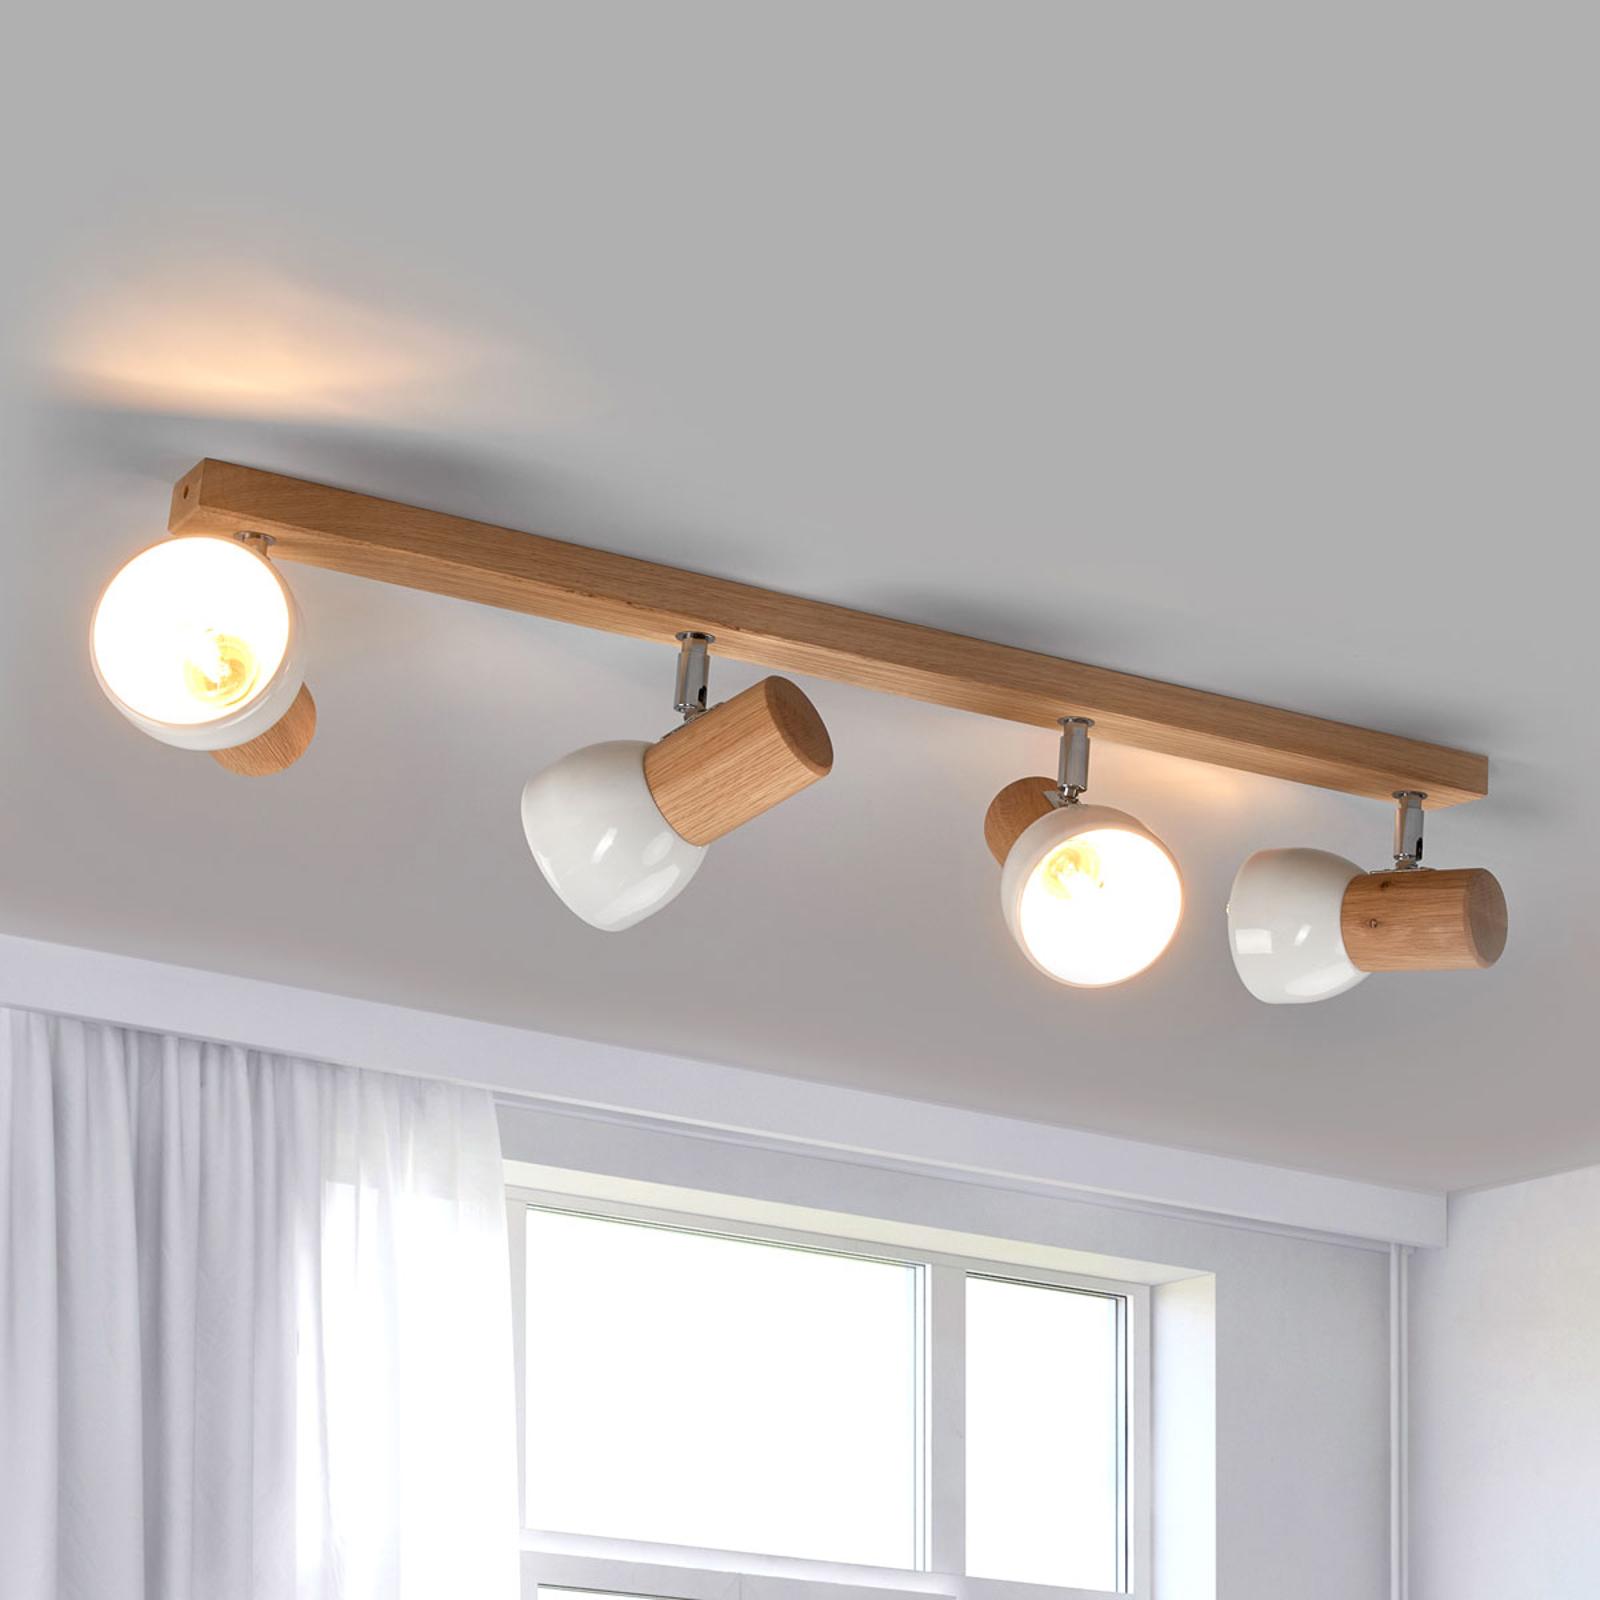 Funktionell taklampa Svenda – 4 lampor